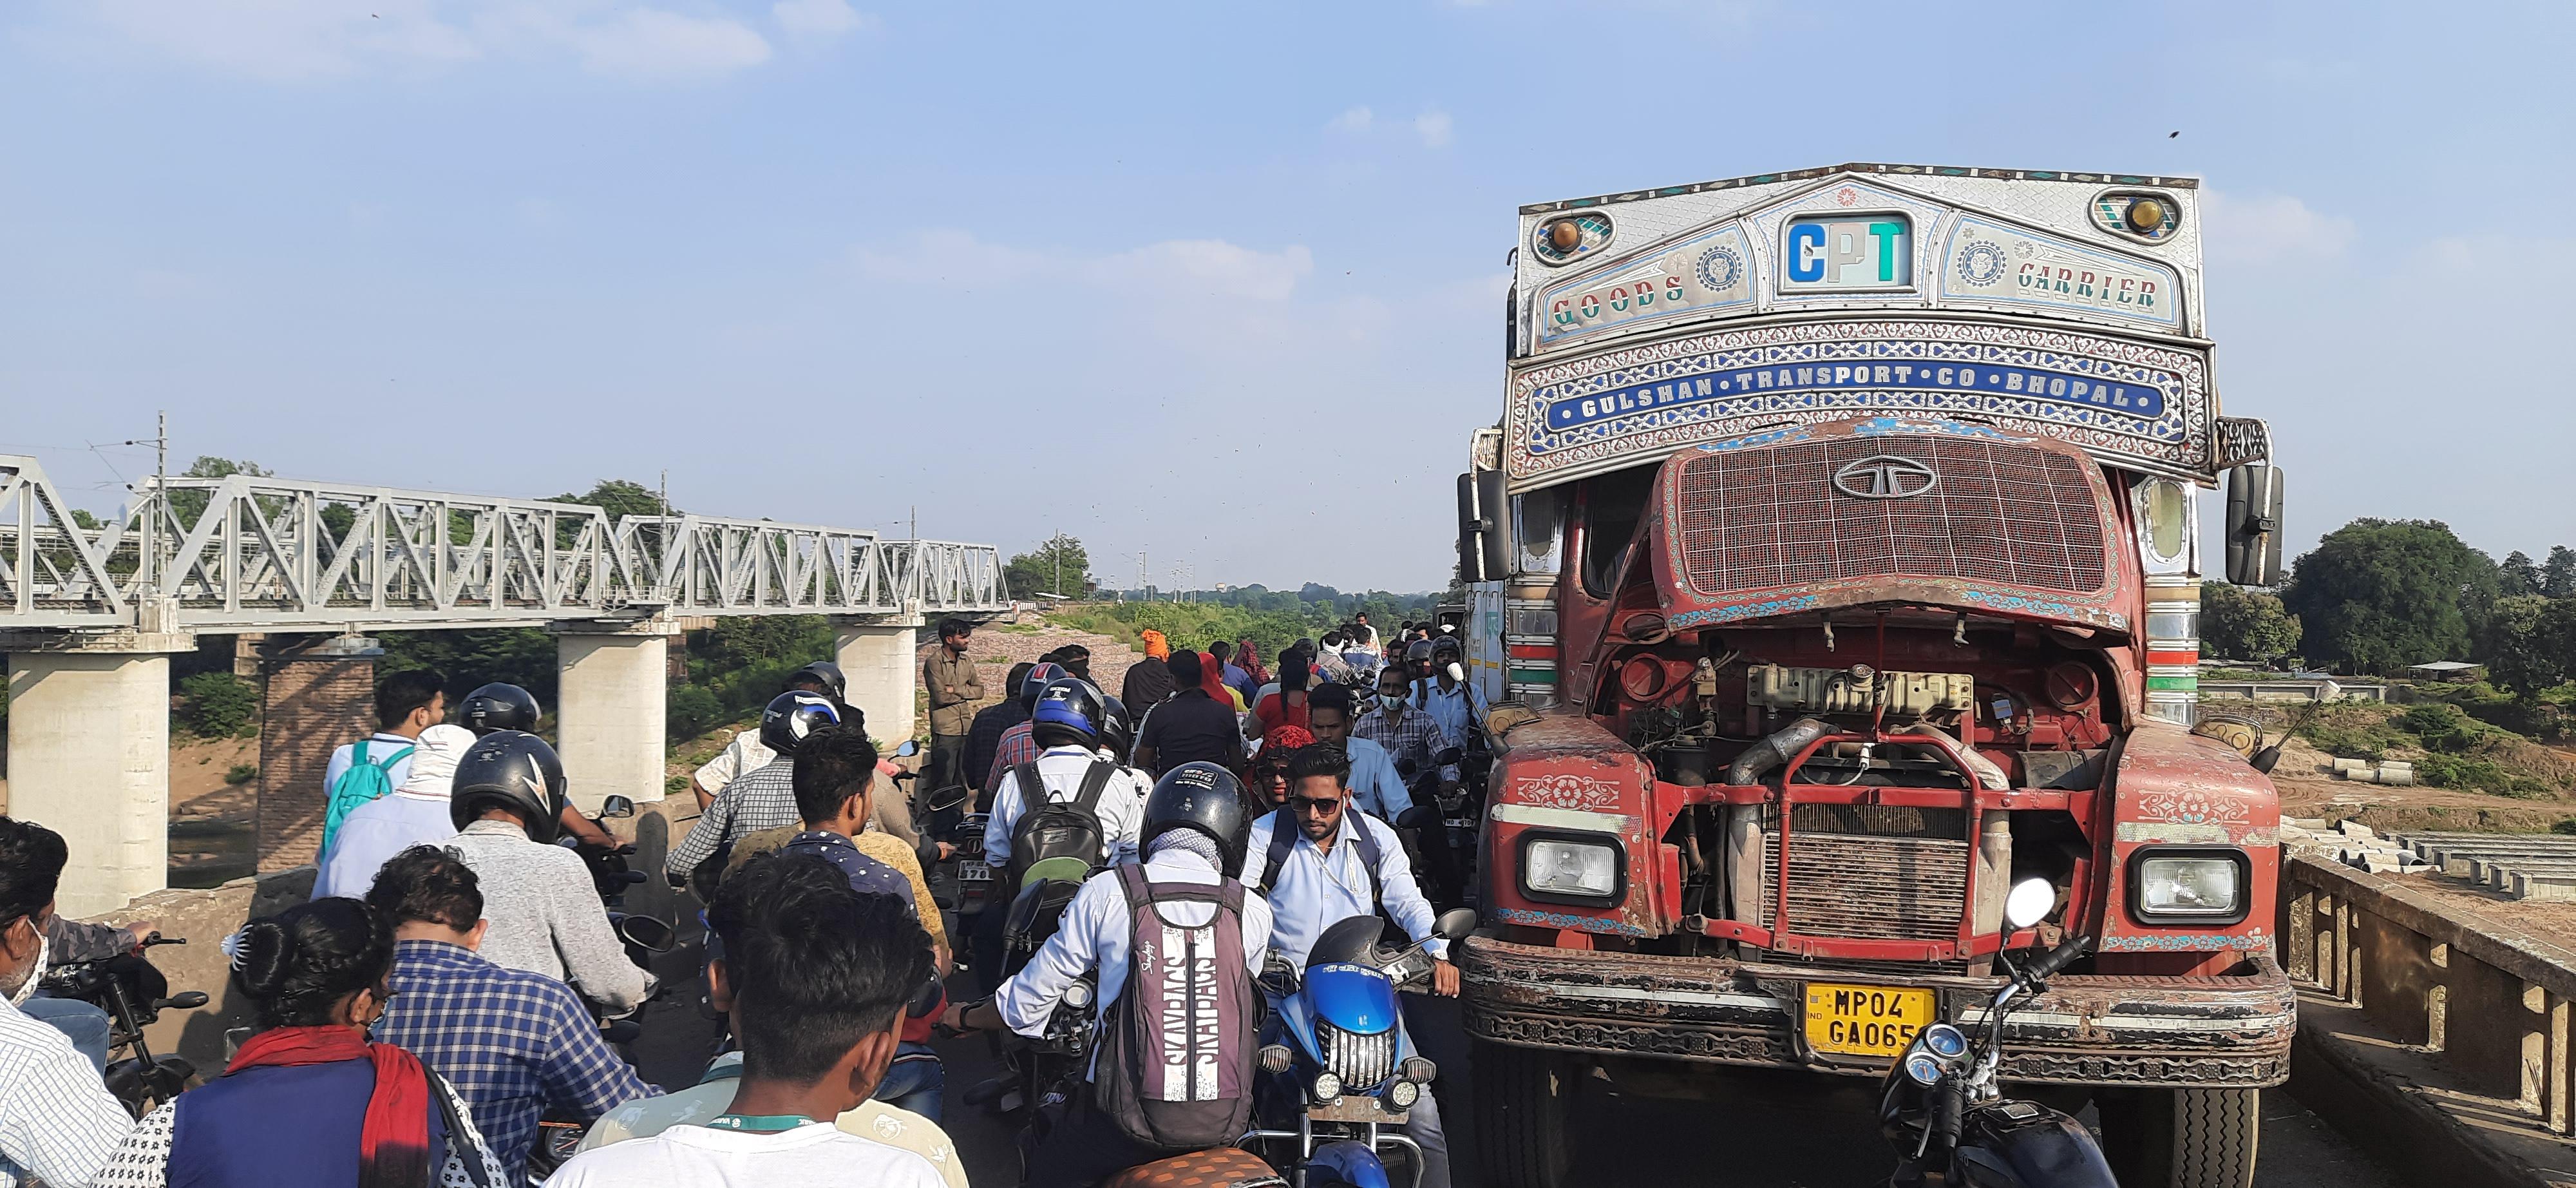 भोपाल रोड नर्मदा पुल पर ट्रक खड़े होने से लगा, डेढ़ घंटे से रेंग रहे वाहन|होशंगाबाद,Hoshangabad - Dainik Bhaskar